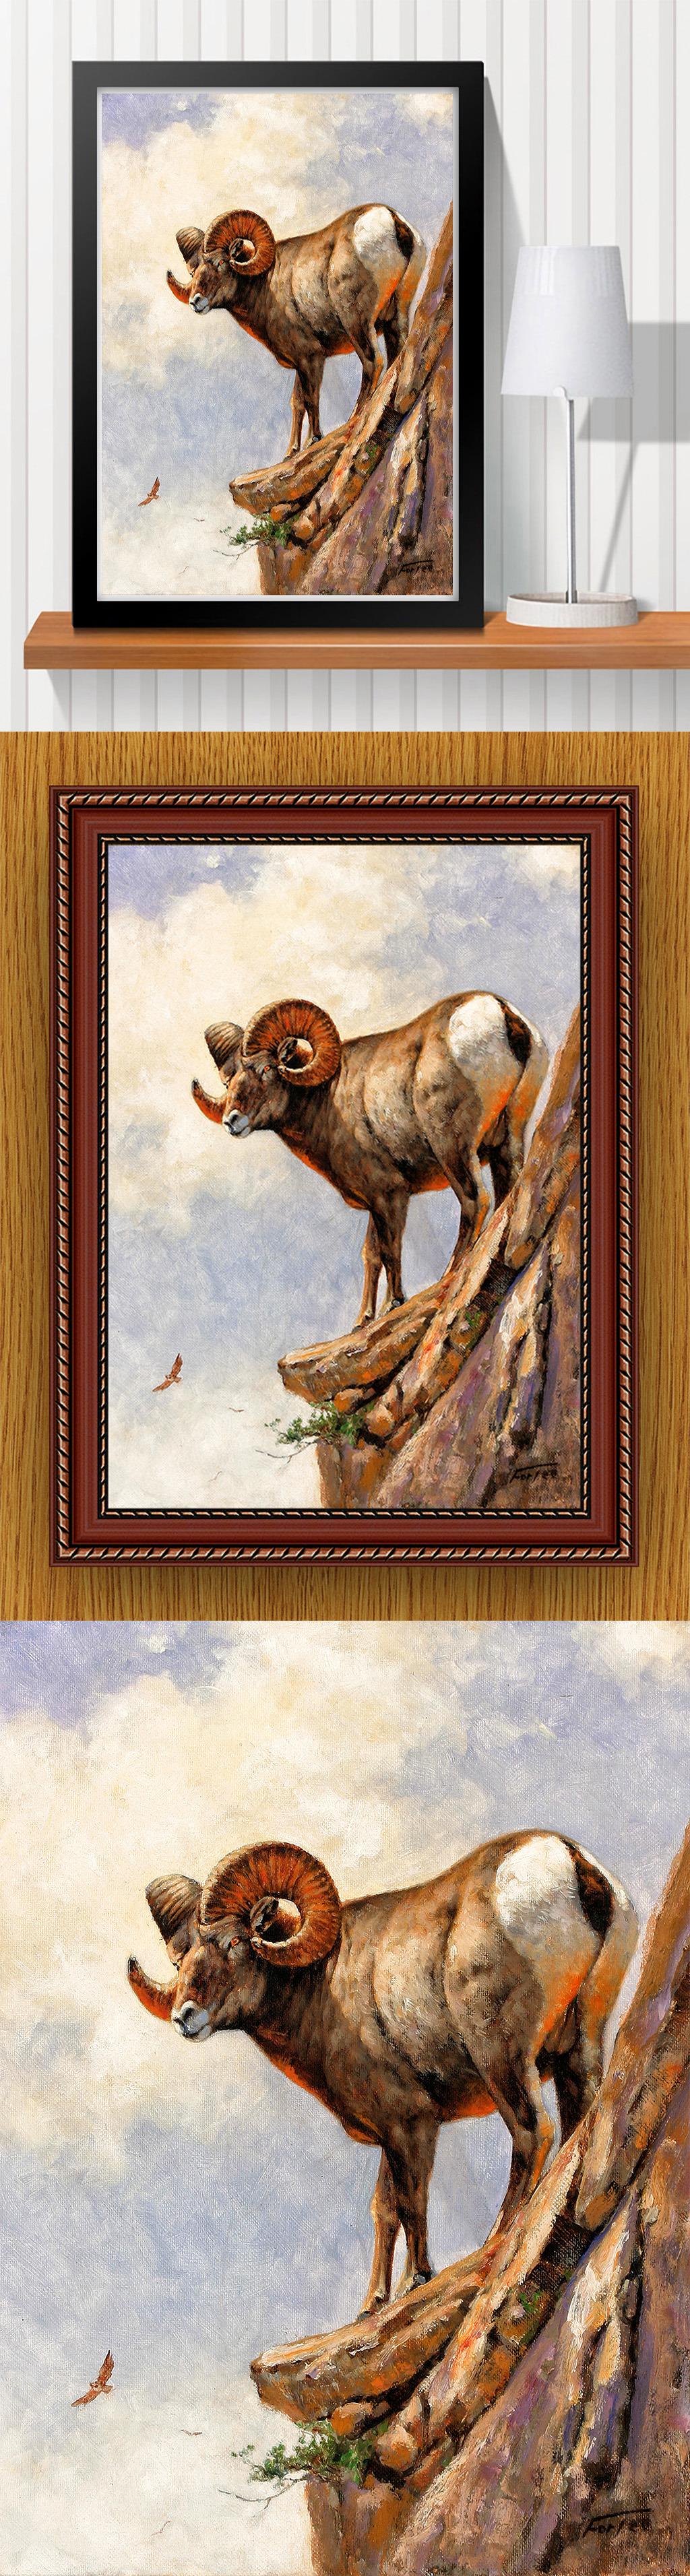 高清手绘现代写实风格山峰山崖风景油画